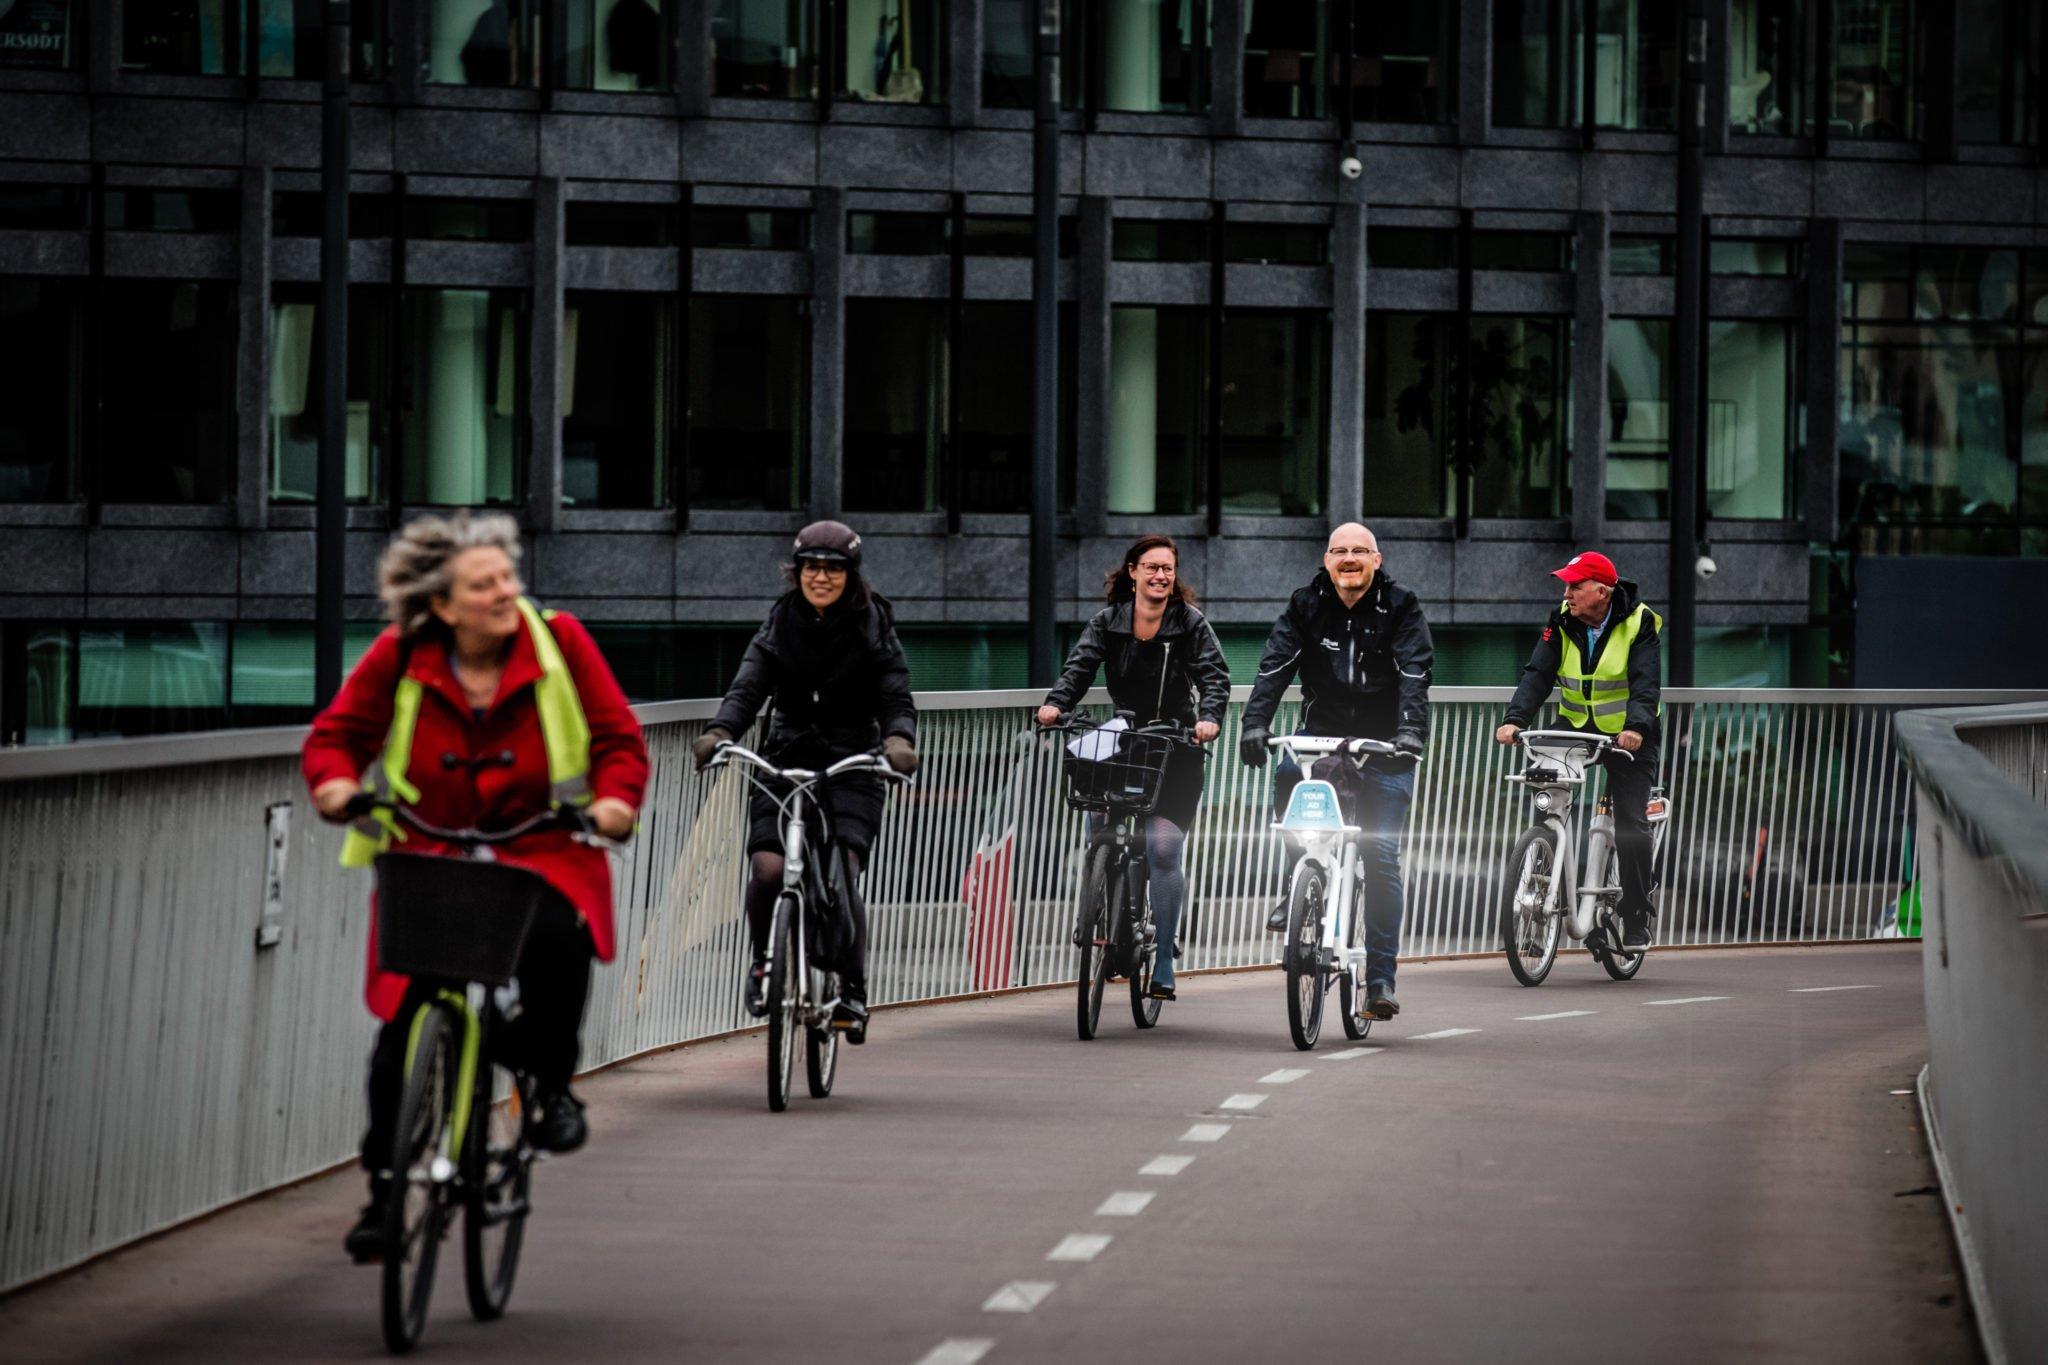 vaimoo_copenhagen_bike_sharing